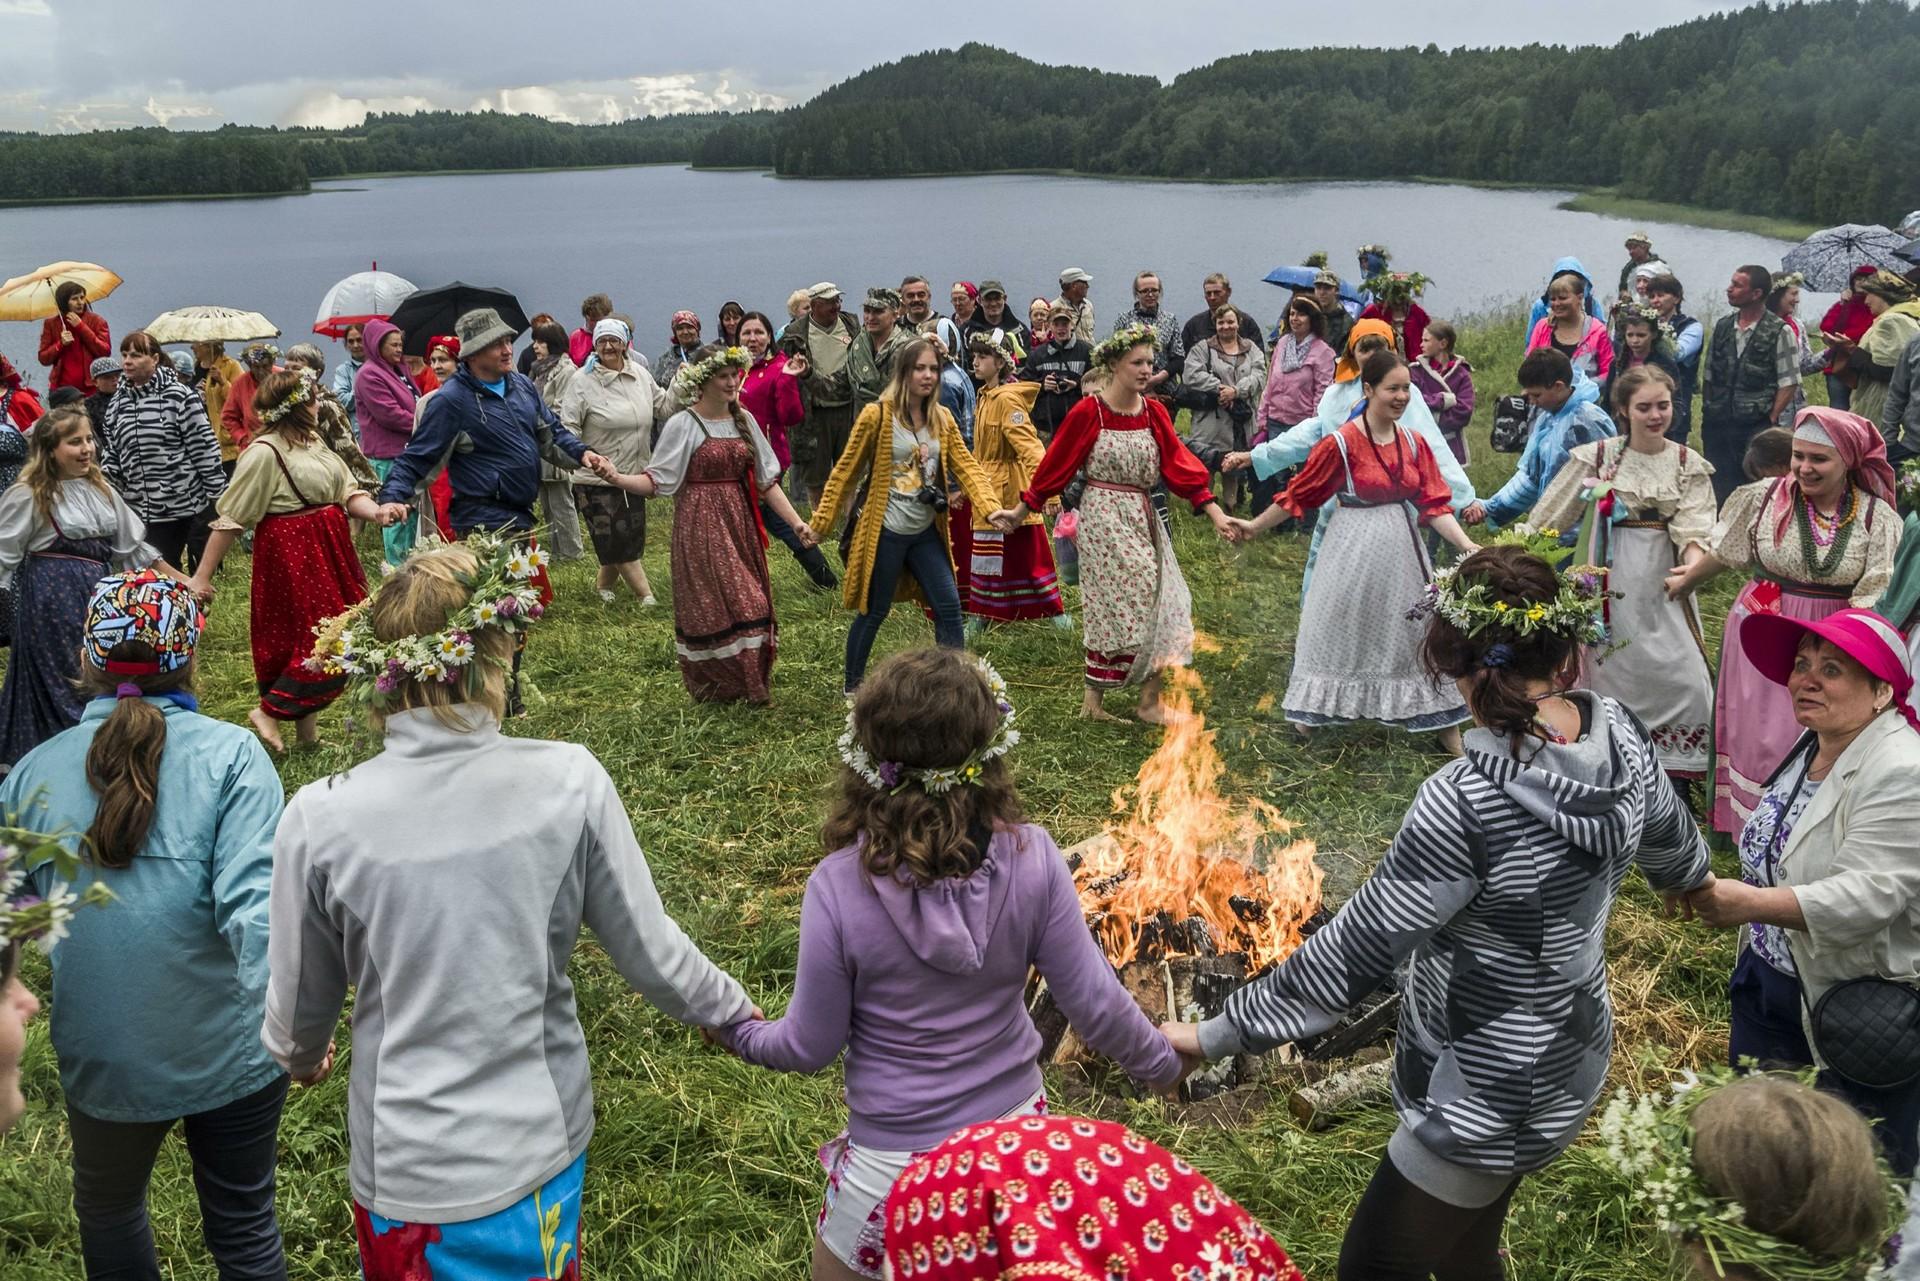 Festival Internasional Wawasan Tradisional di Taman Nasional Kenozero, Arkhangelsk, Rusia.